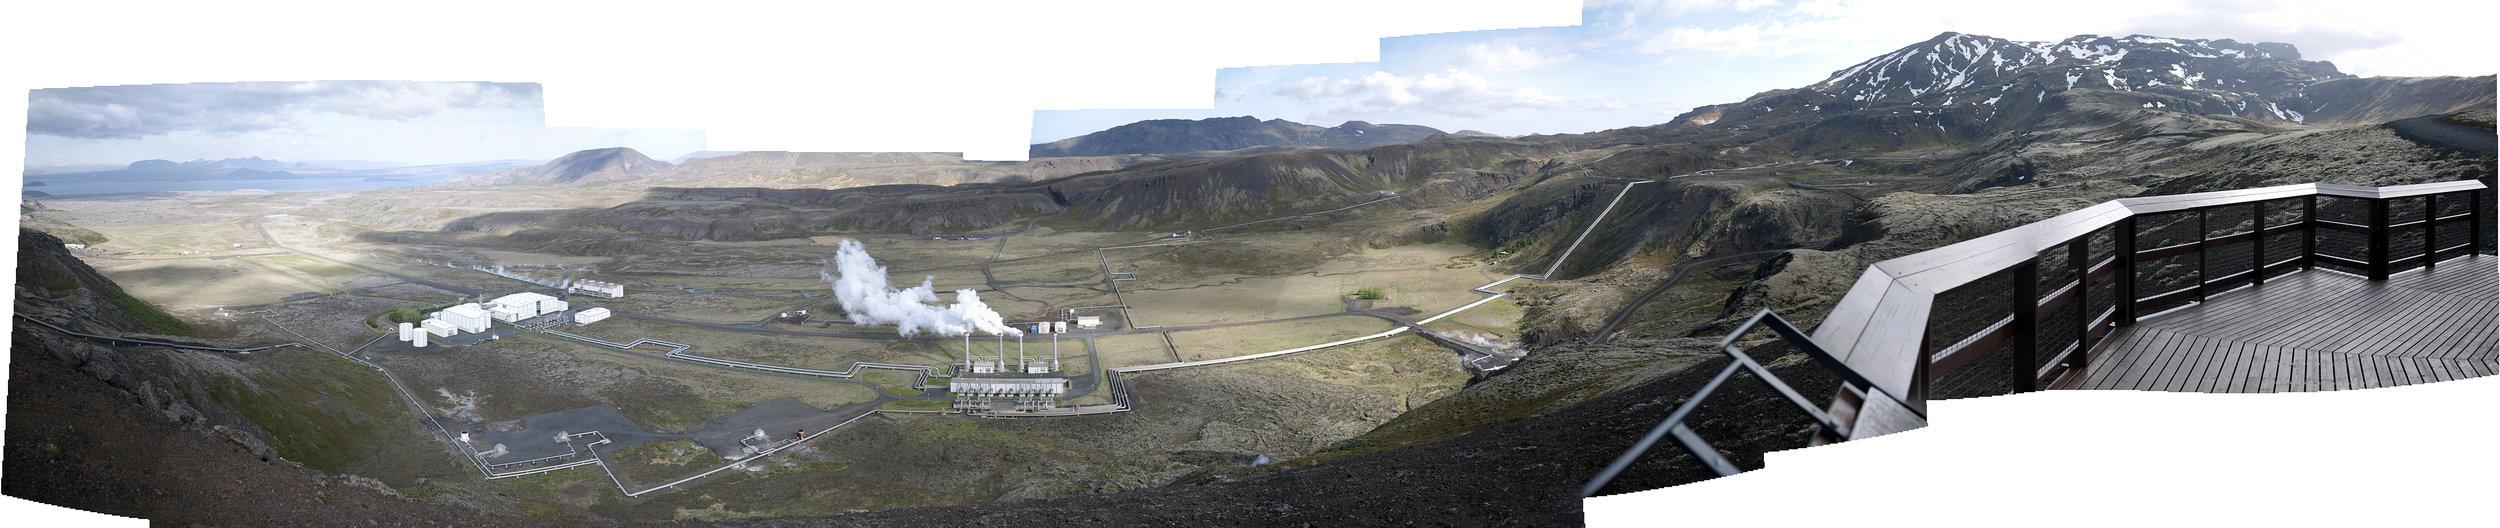 Geothermal Pano small.jpg